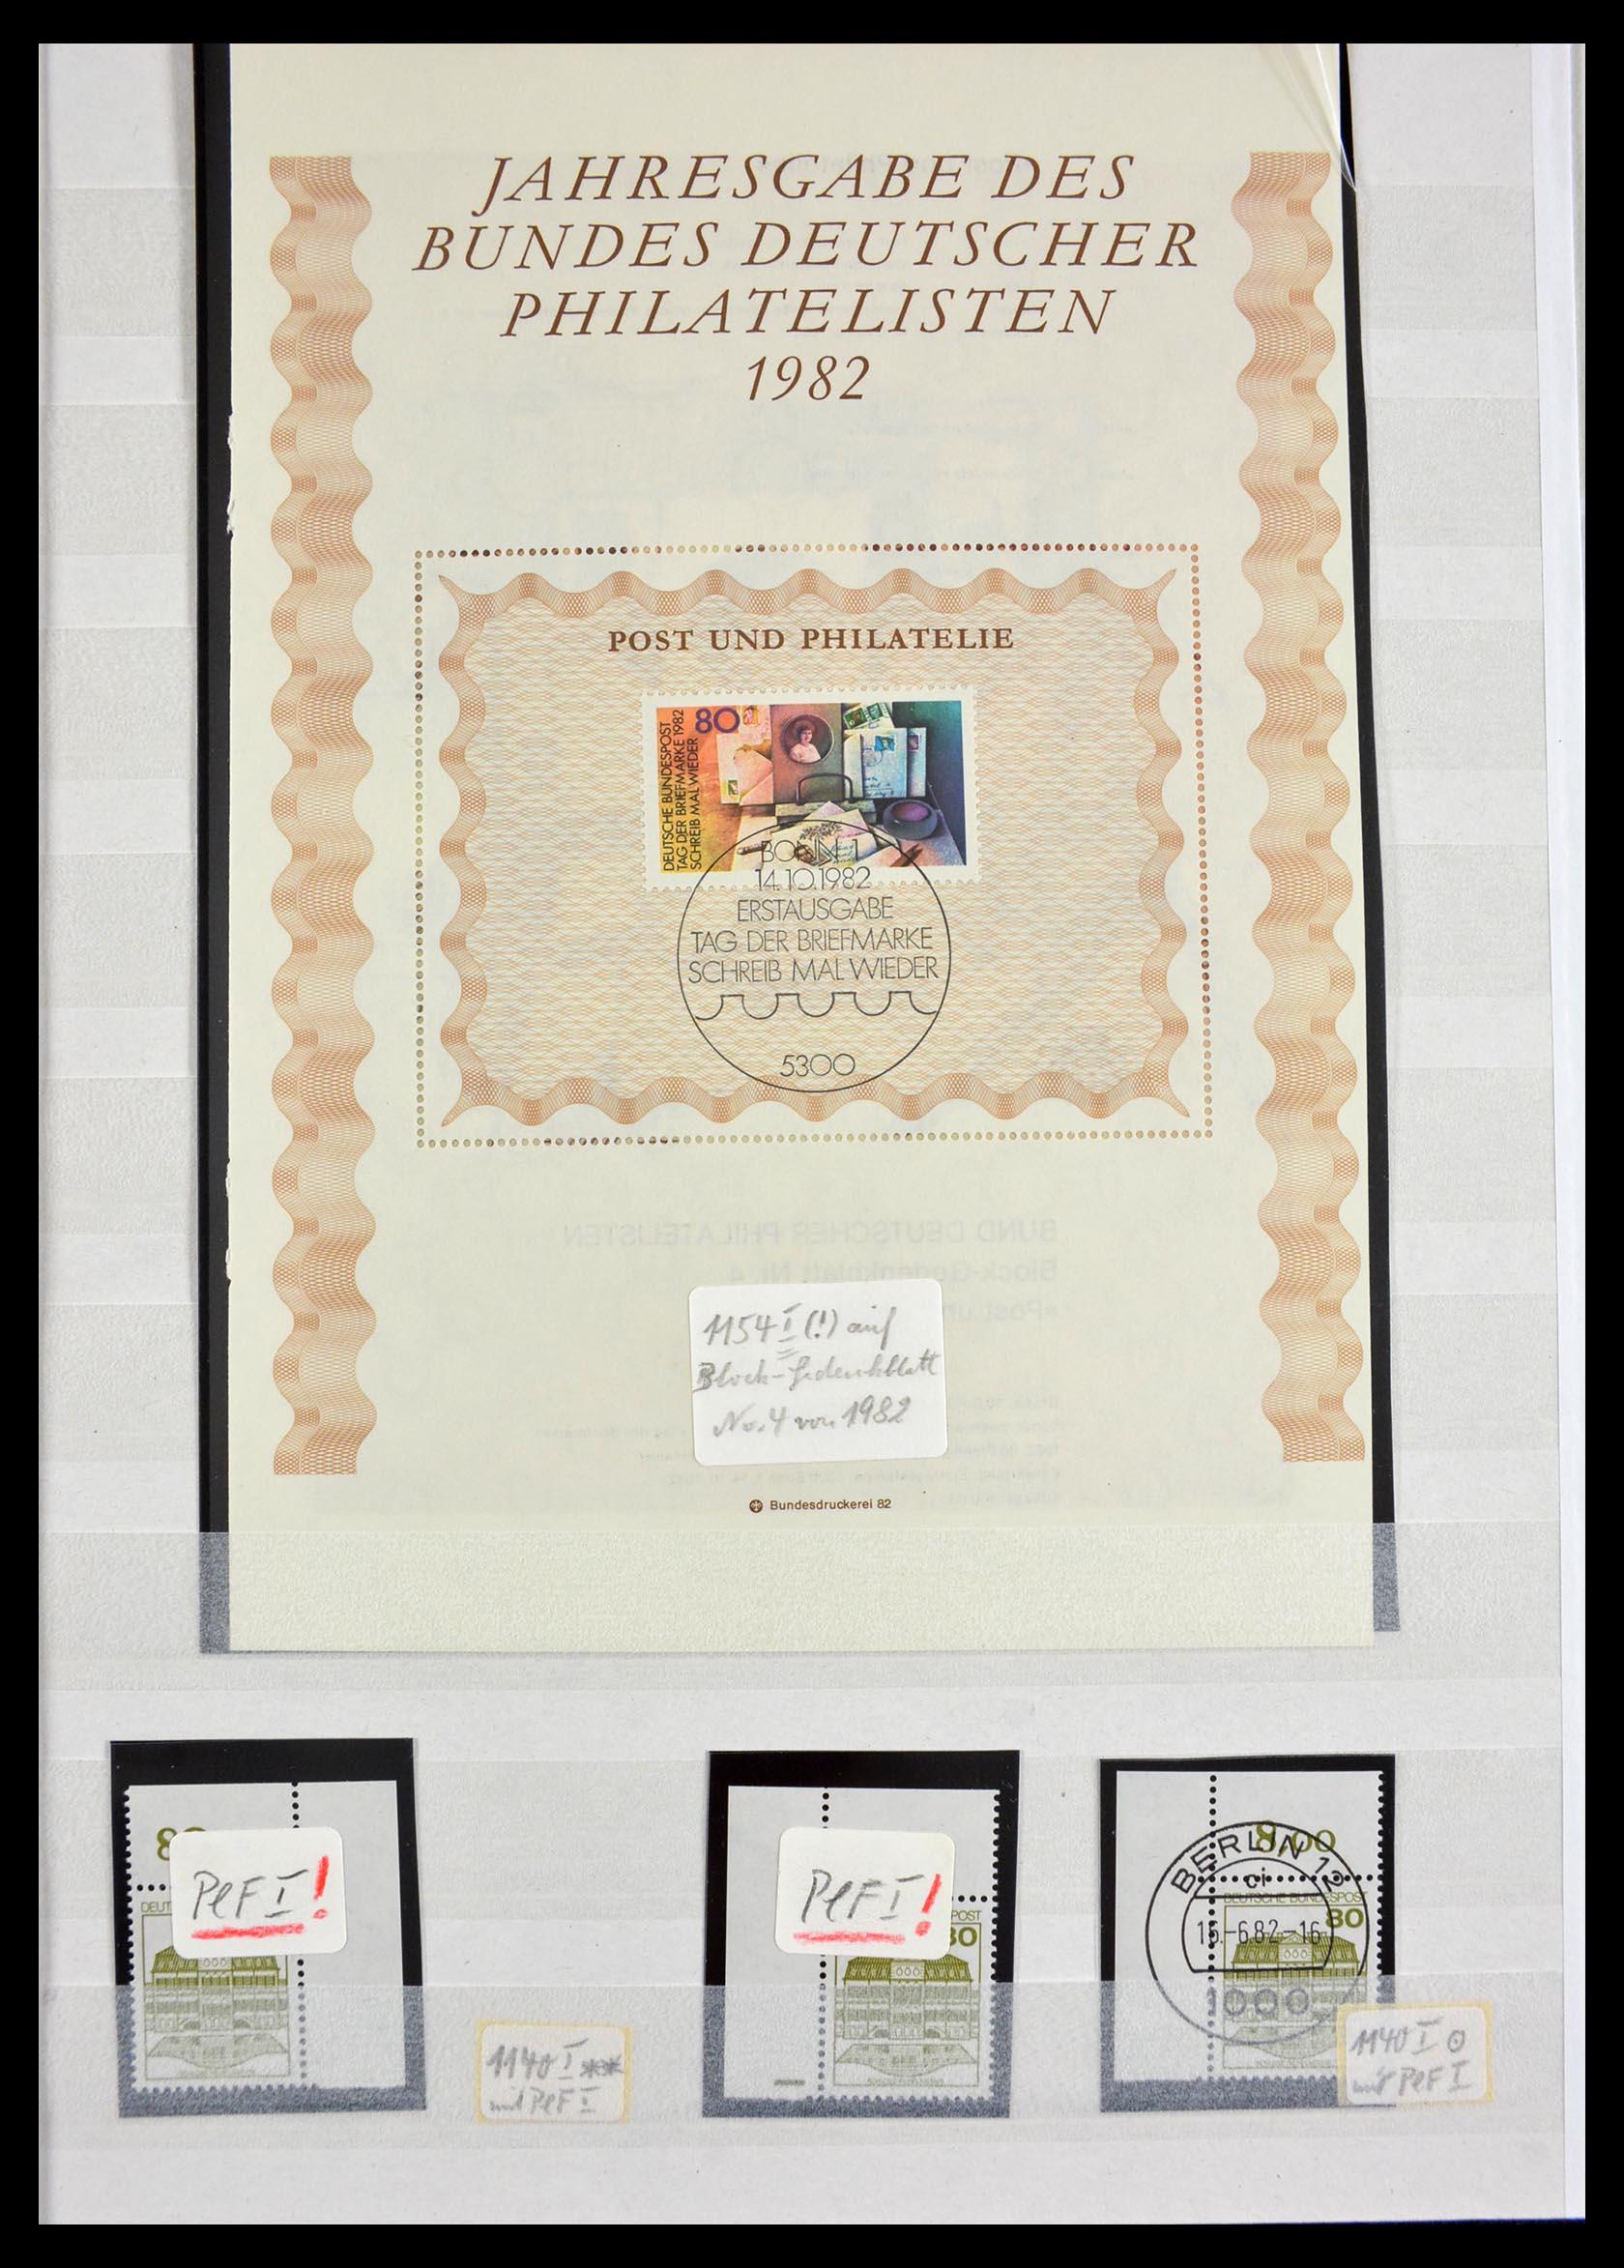 29491 005 - 29491 Bundespost plateflaws 1957-1994.